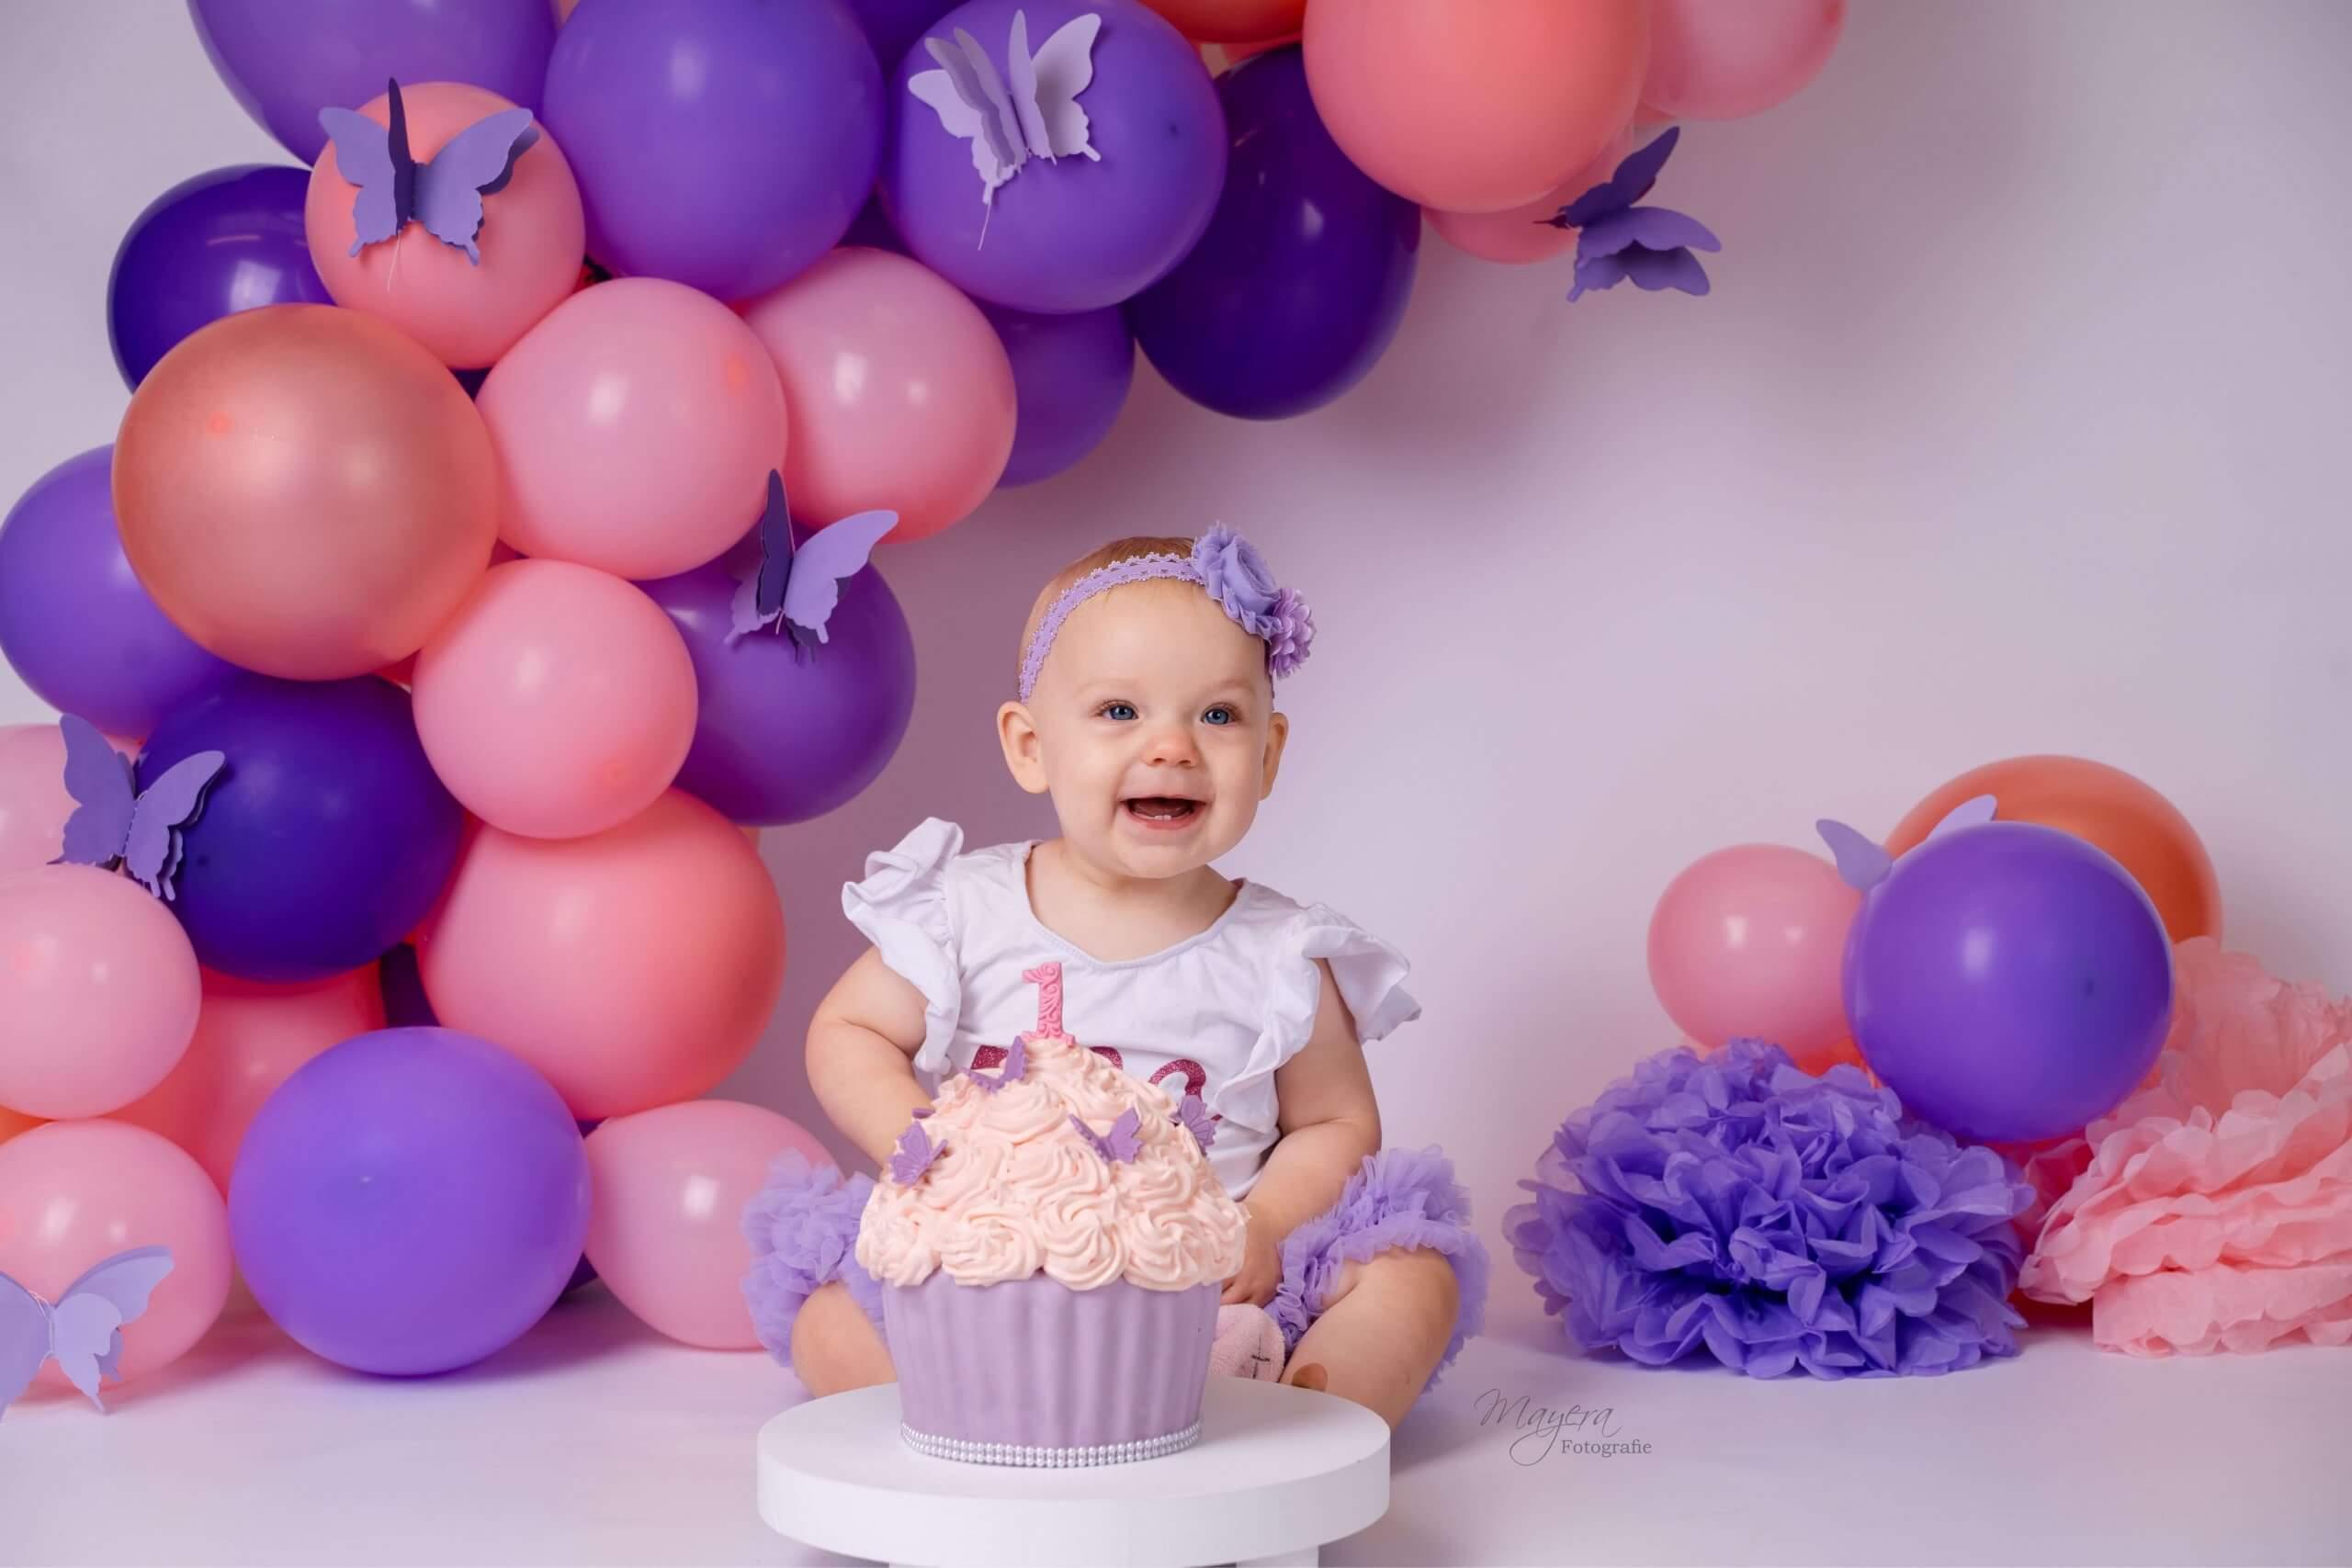 Cake smash meisje feest one year vlinders roze pink feestje fotoshoot Wijk bij duurstede